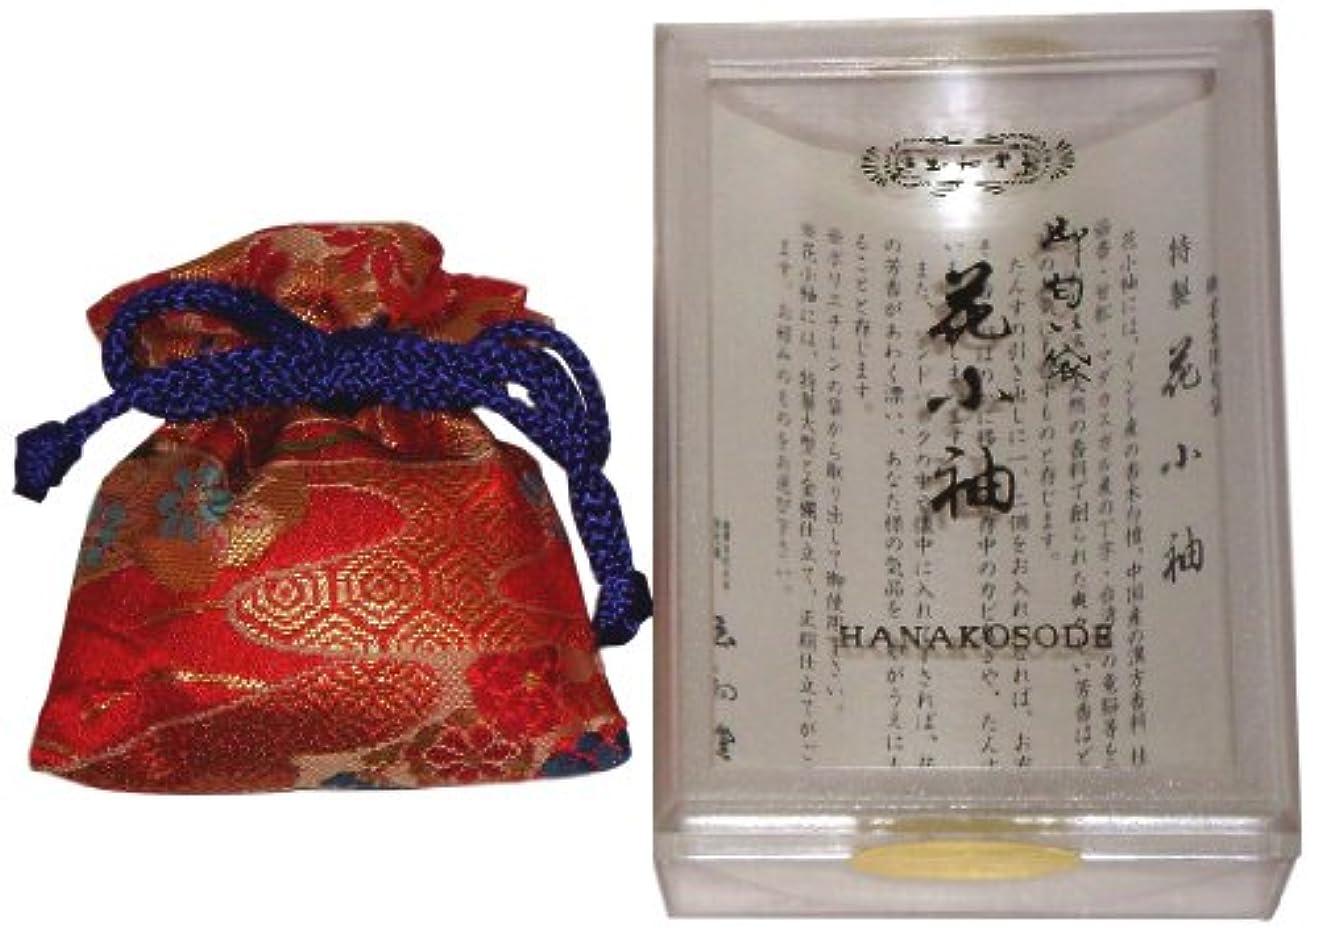 飛ぶ喉が渇いた平和的玉初堂のお香 特製花小袖 匂袋 #457